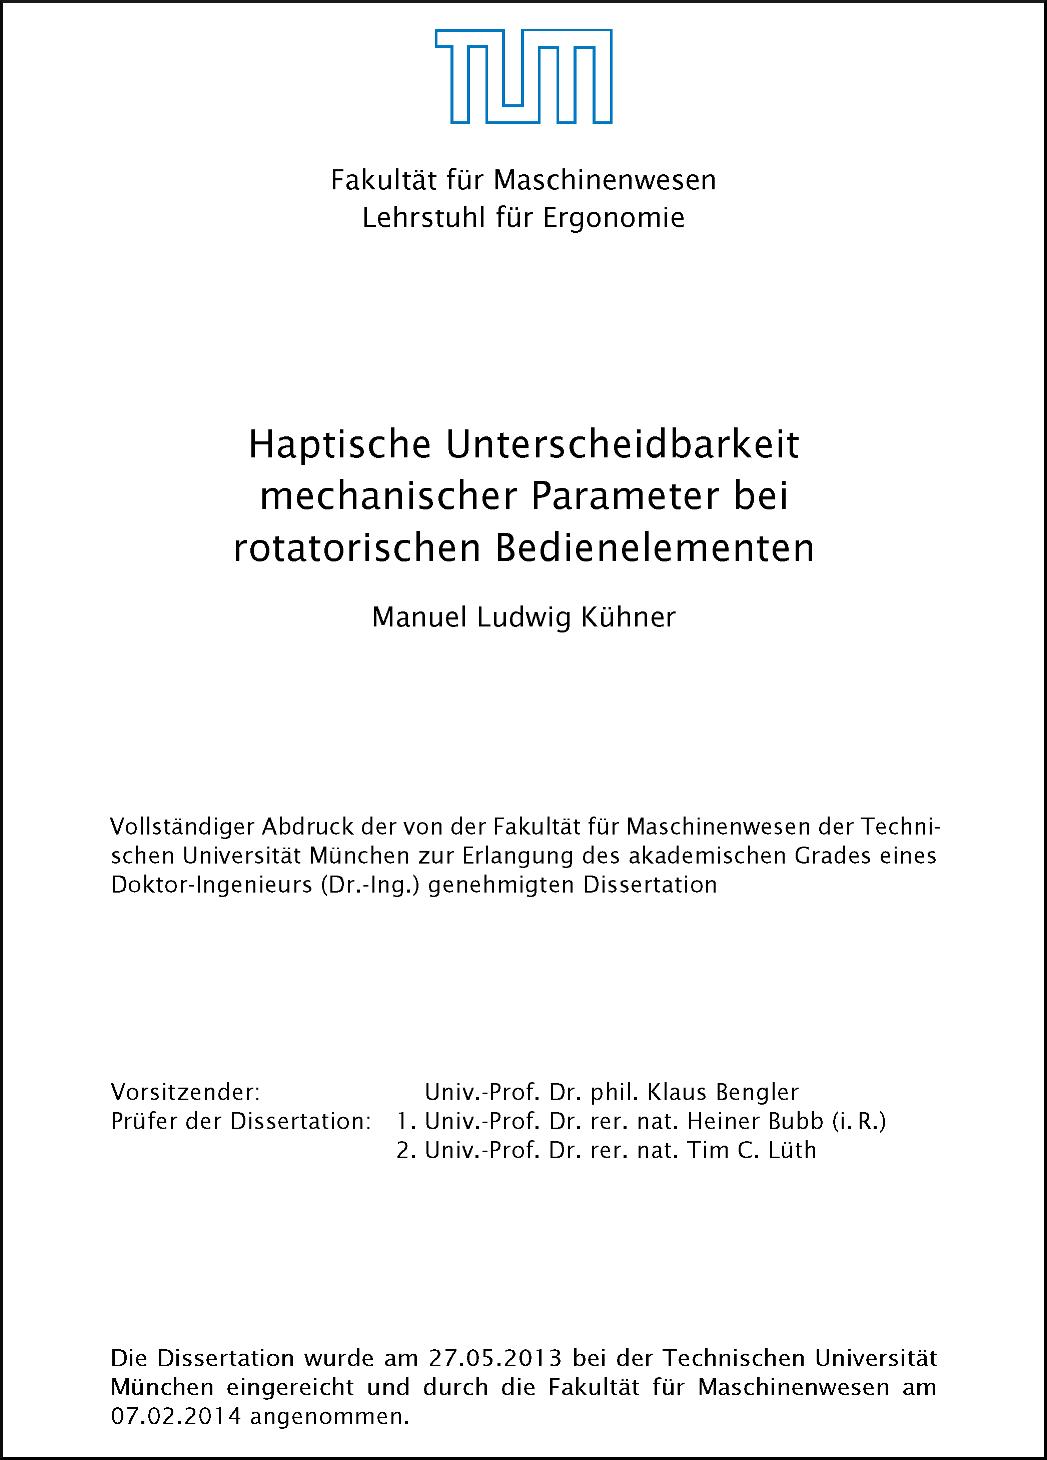 Titelblatt der Dissertation (Haptische Unterscheidbarkeit mechanischer Parameter bei rotatorischen Bedienelementen)